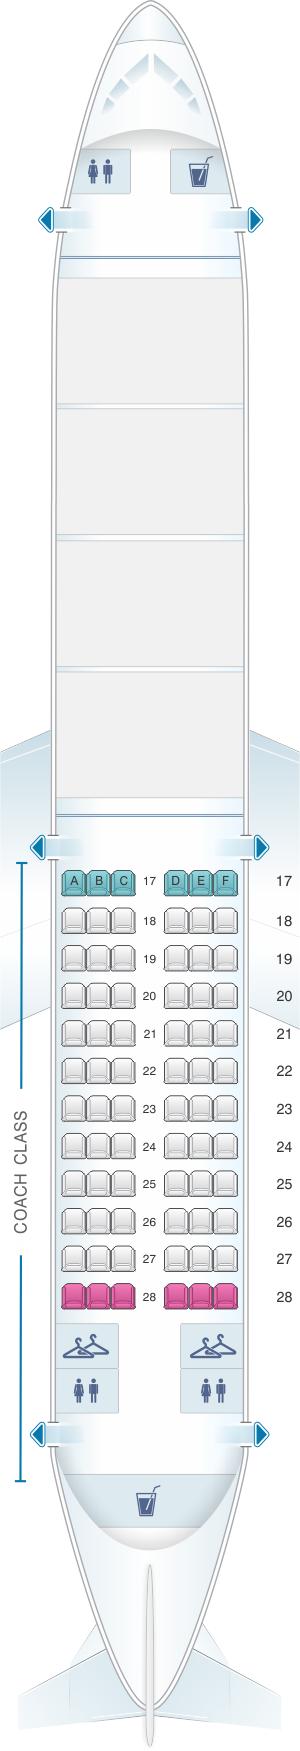 Seat map for Alaska Airlines - Horizon Air Boeing B737 400 Combi